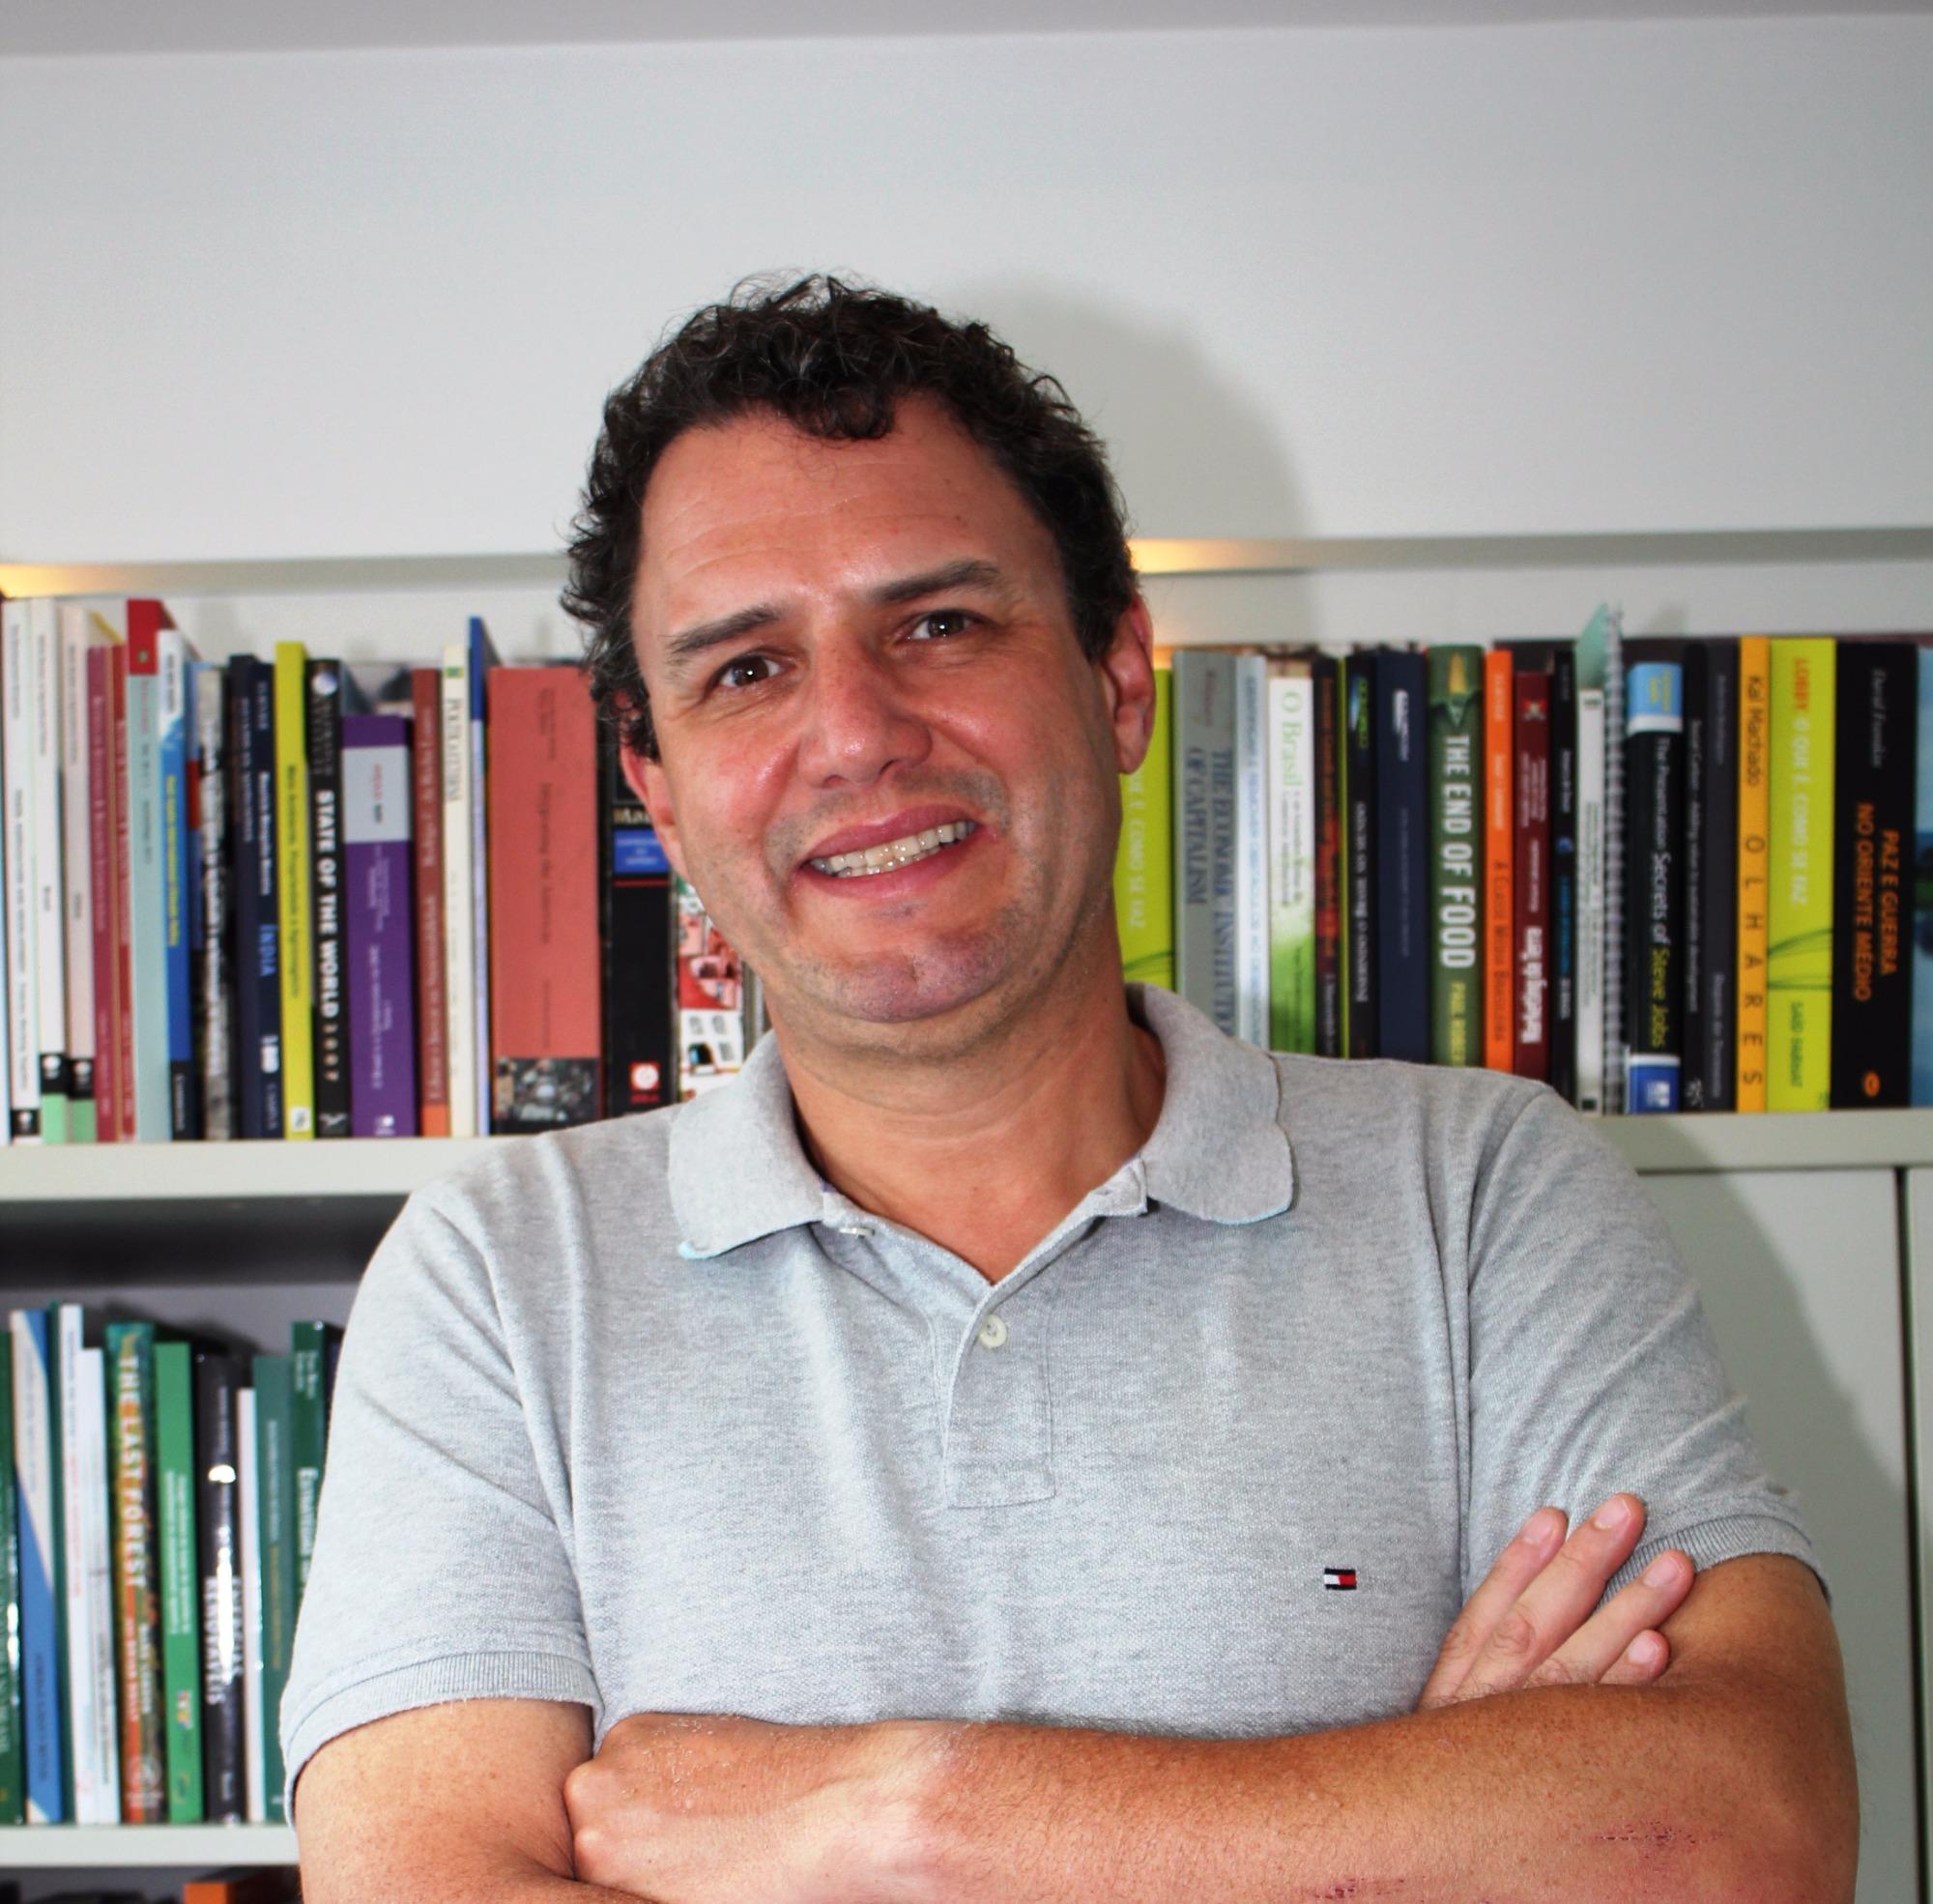 Decisão do Reino Unido de deixar União Europeia não trará impactos para agronegócio brasileiro